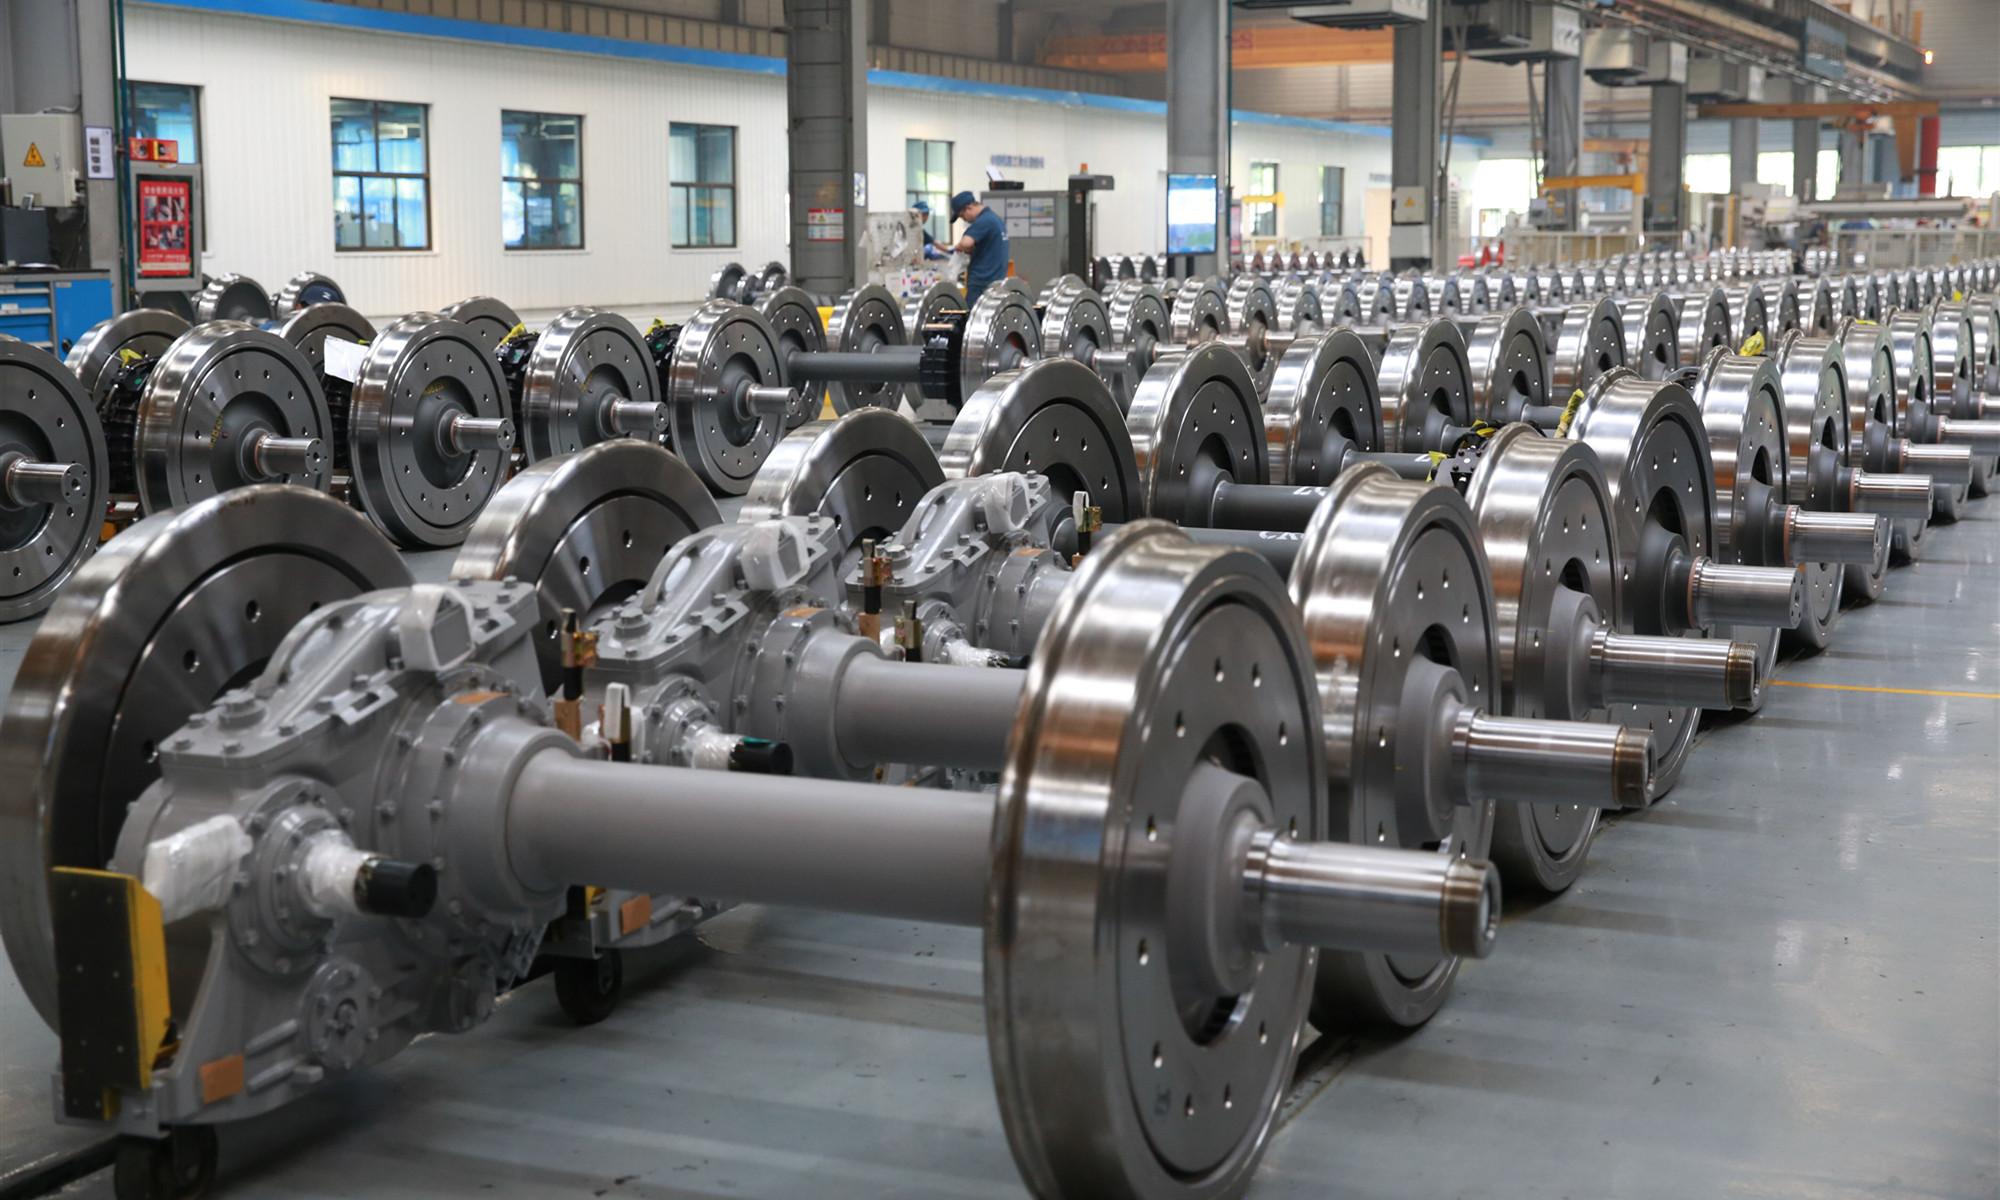 智奇铁路:打造数字工厂 创造新价值服务模式